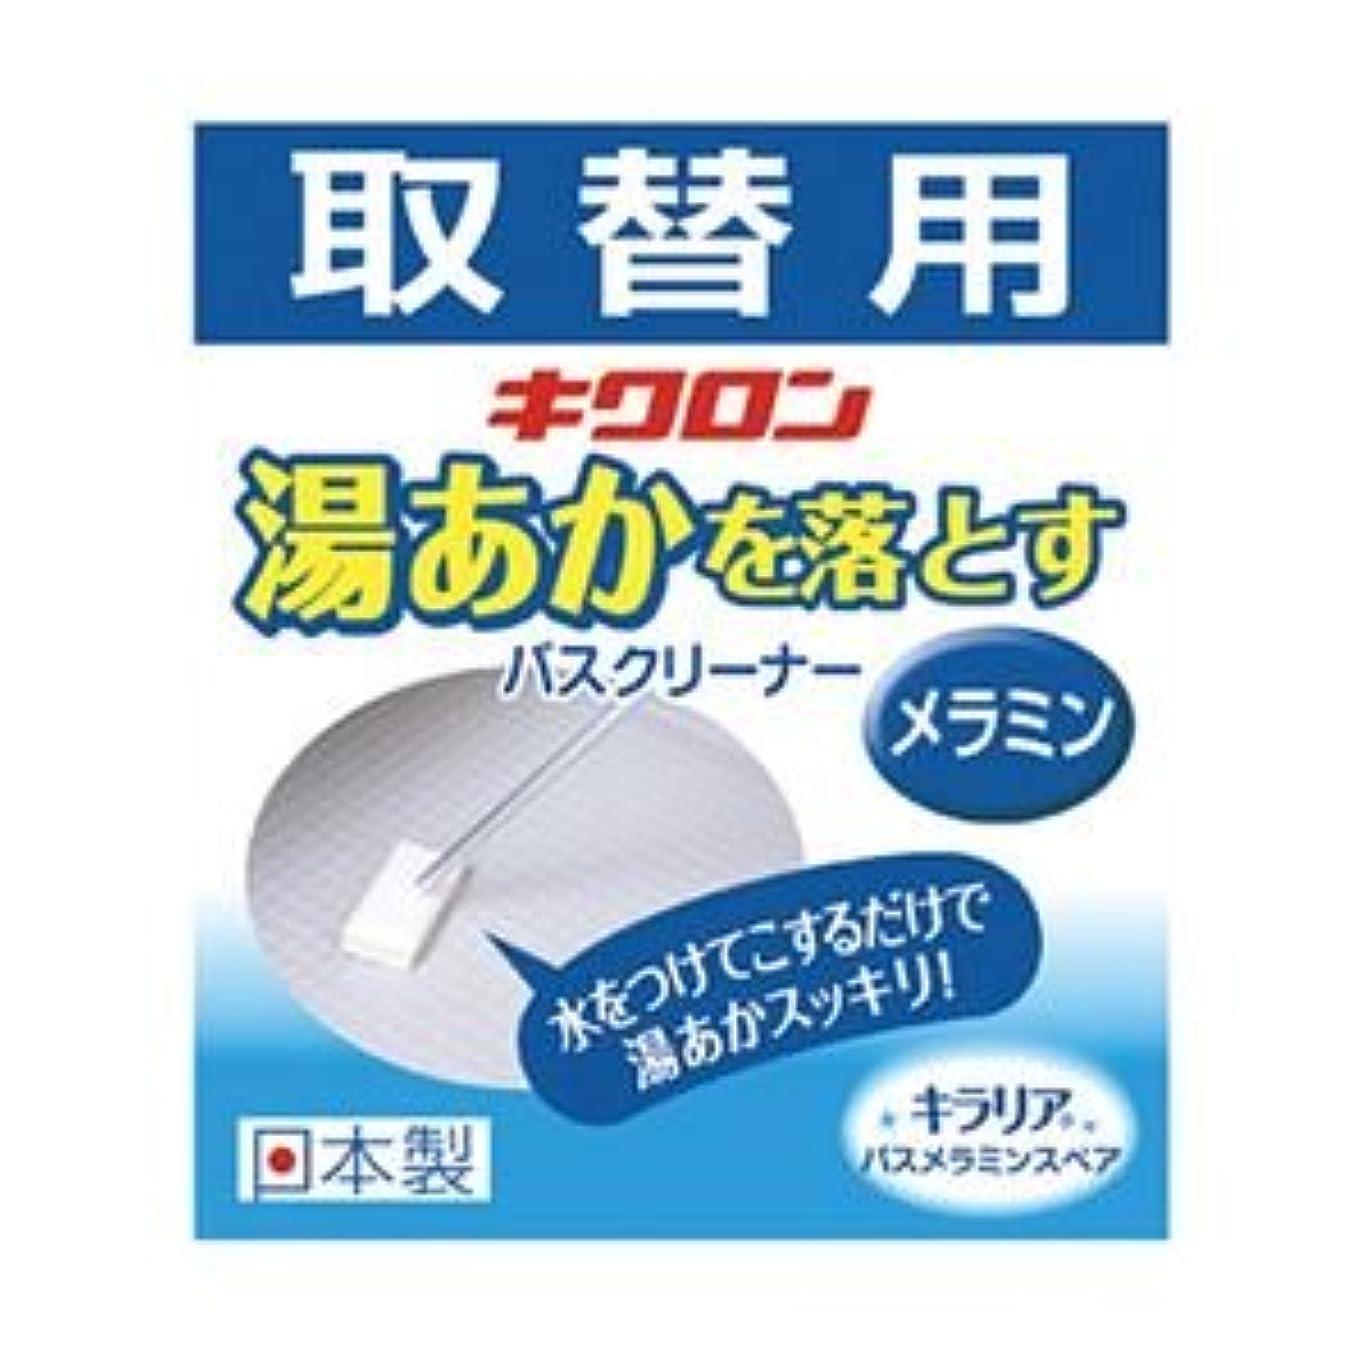 五月ケーブル緩める(業務用セット) キクロン バス洗い用メラミンスポンジ 取替用 1個 【×20セット】